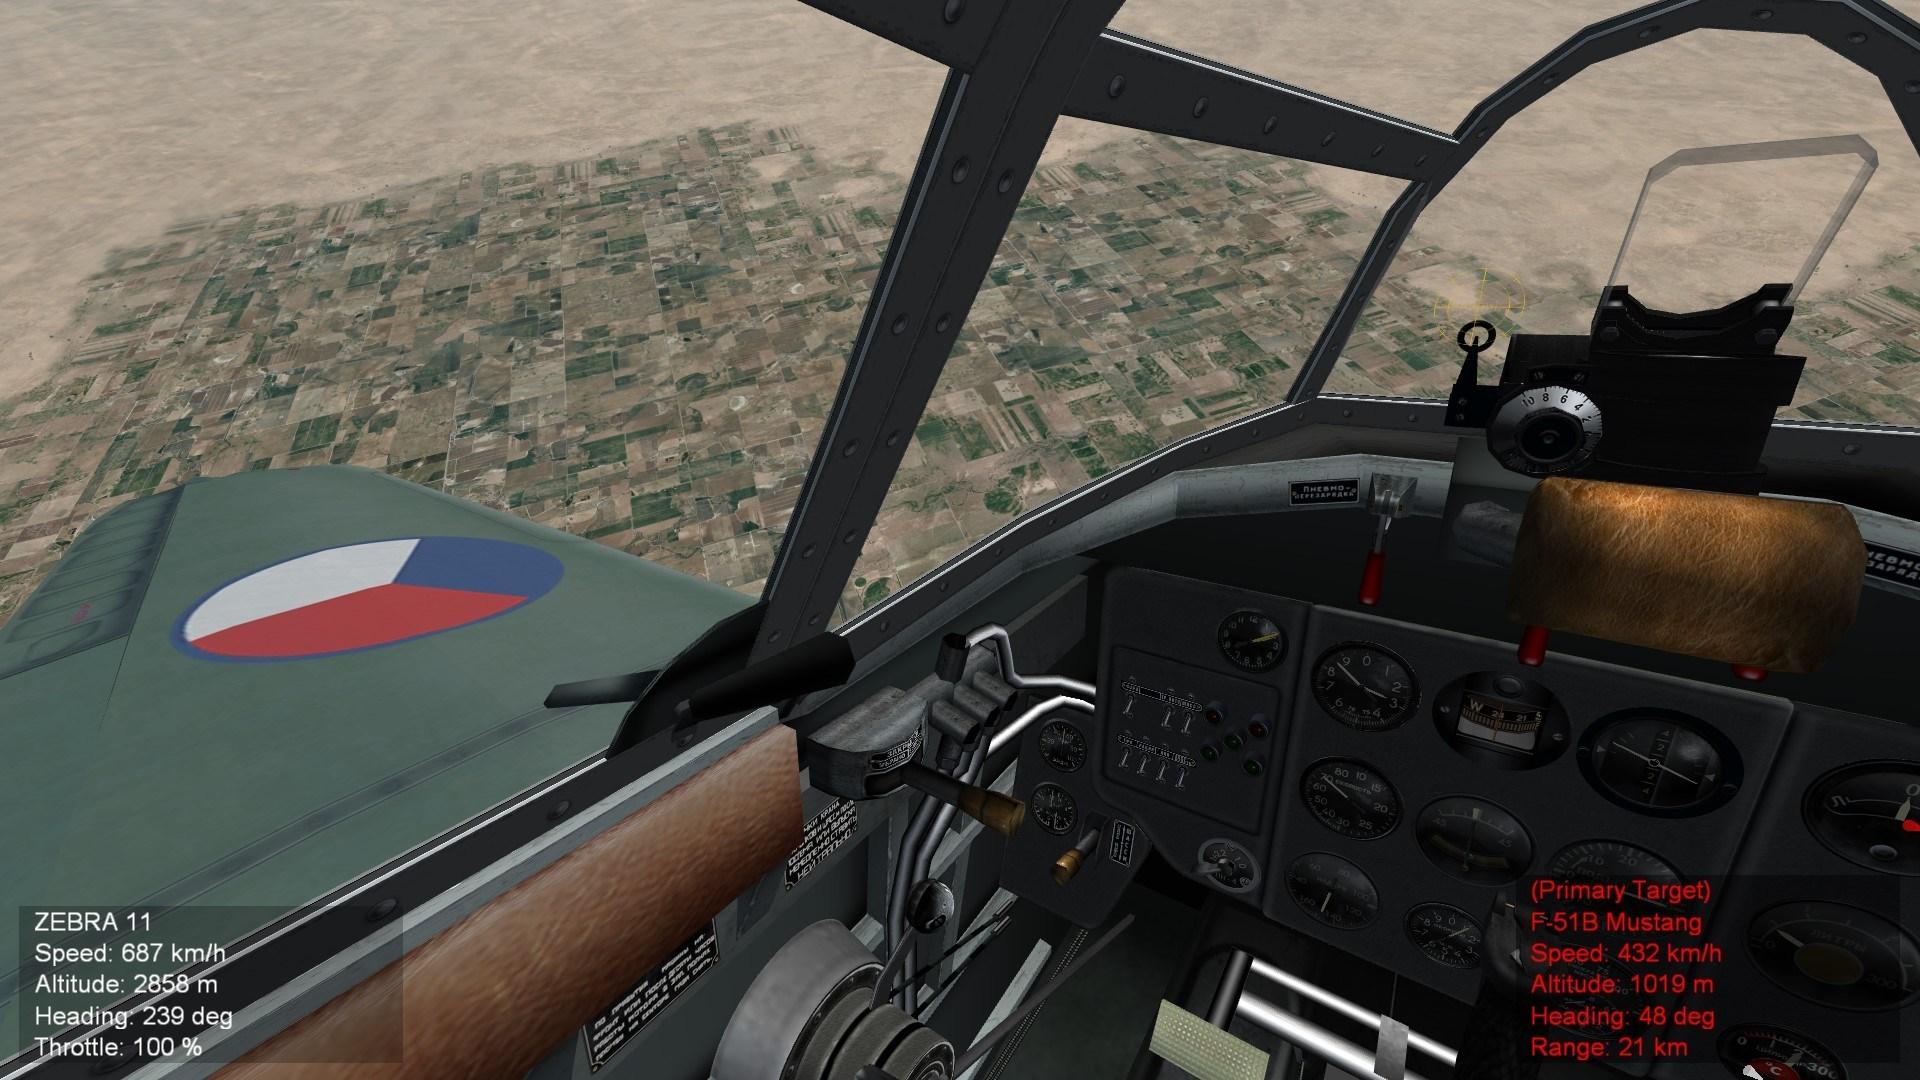 La-5FN (Avia S-95 Cockpit)